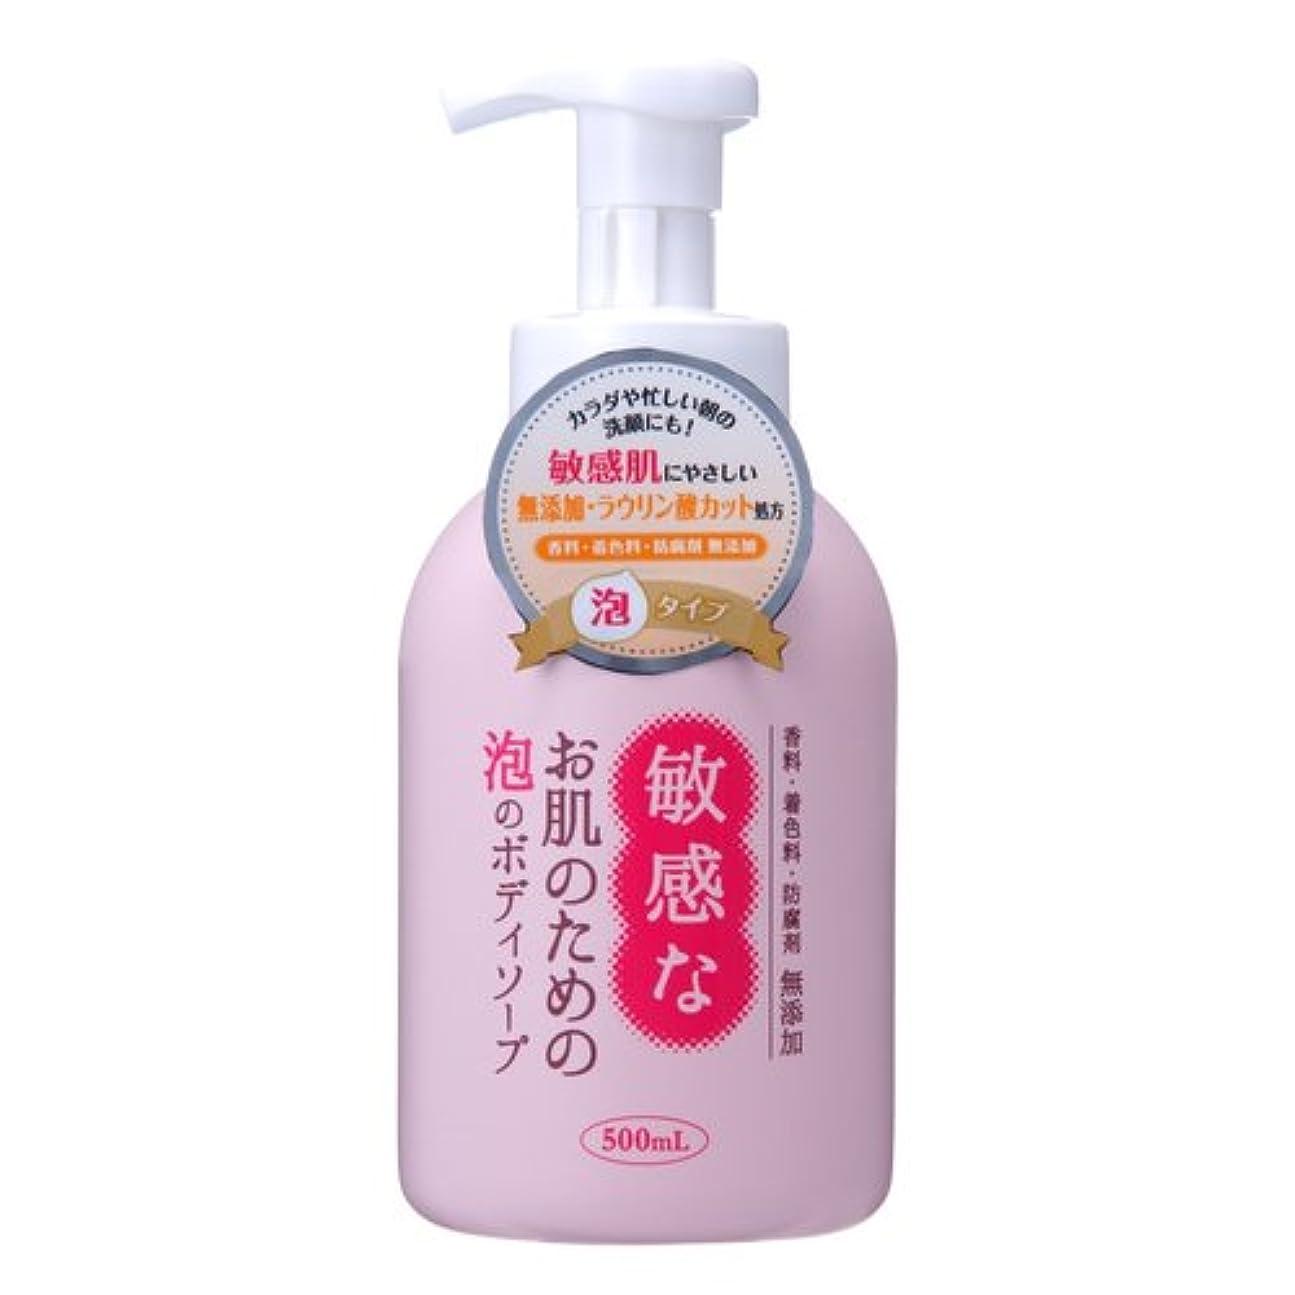 光柔らかさ約設定敏感なお肌のための泡のボディソープ 本体 500mL CBH-FB